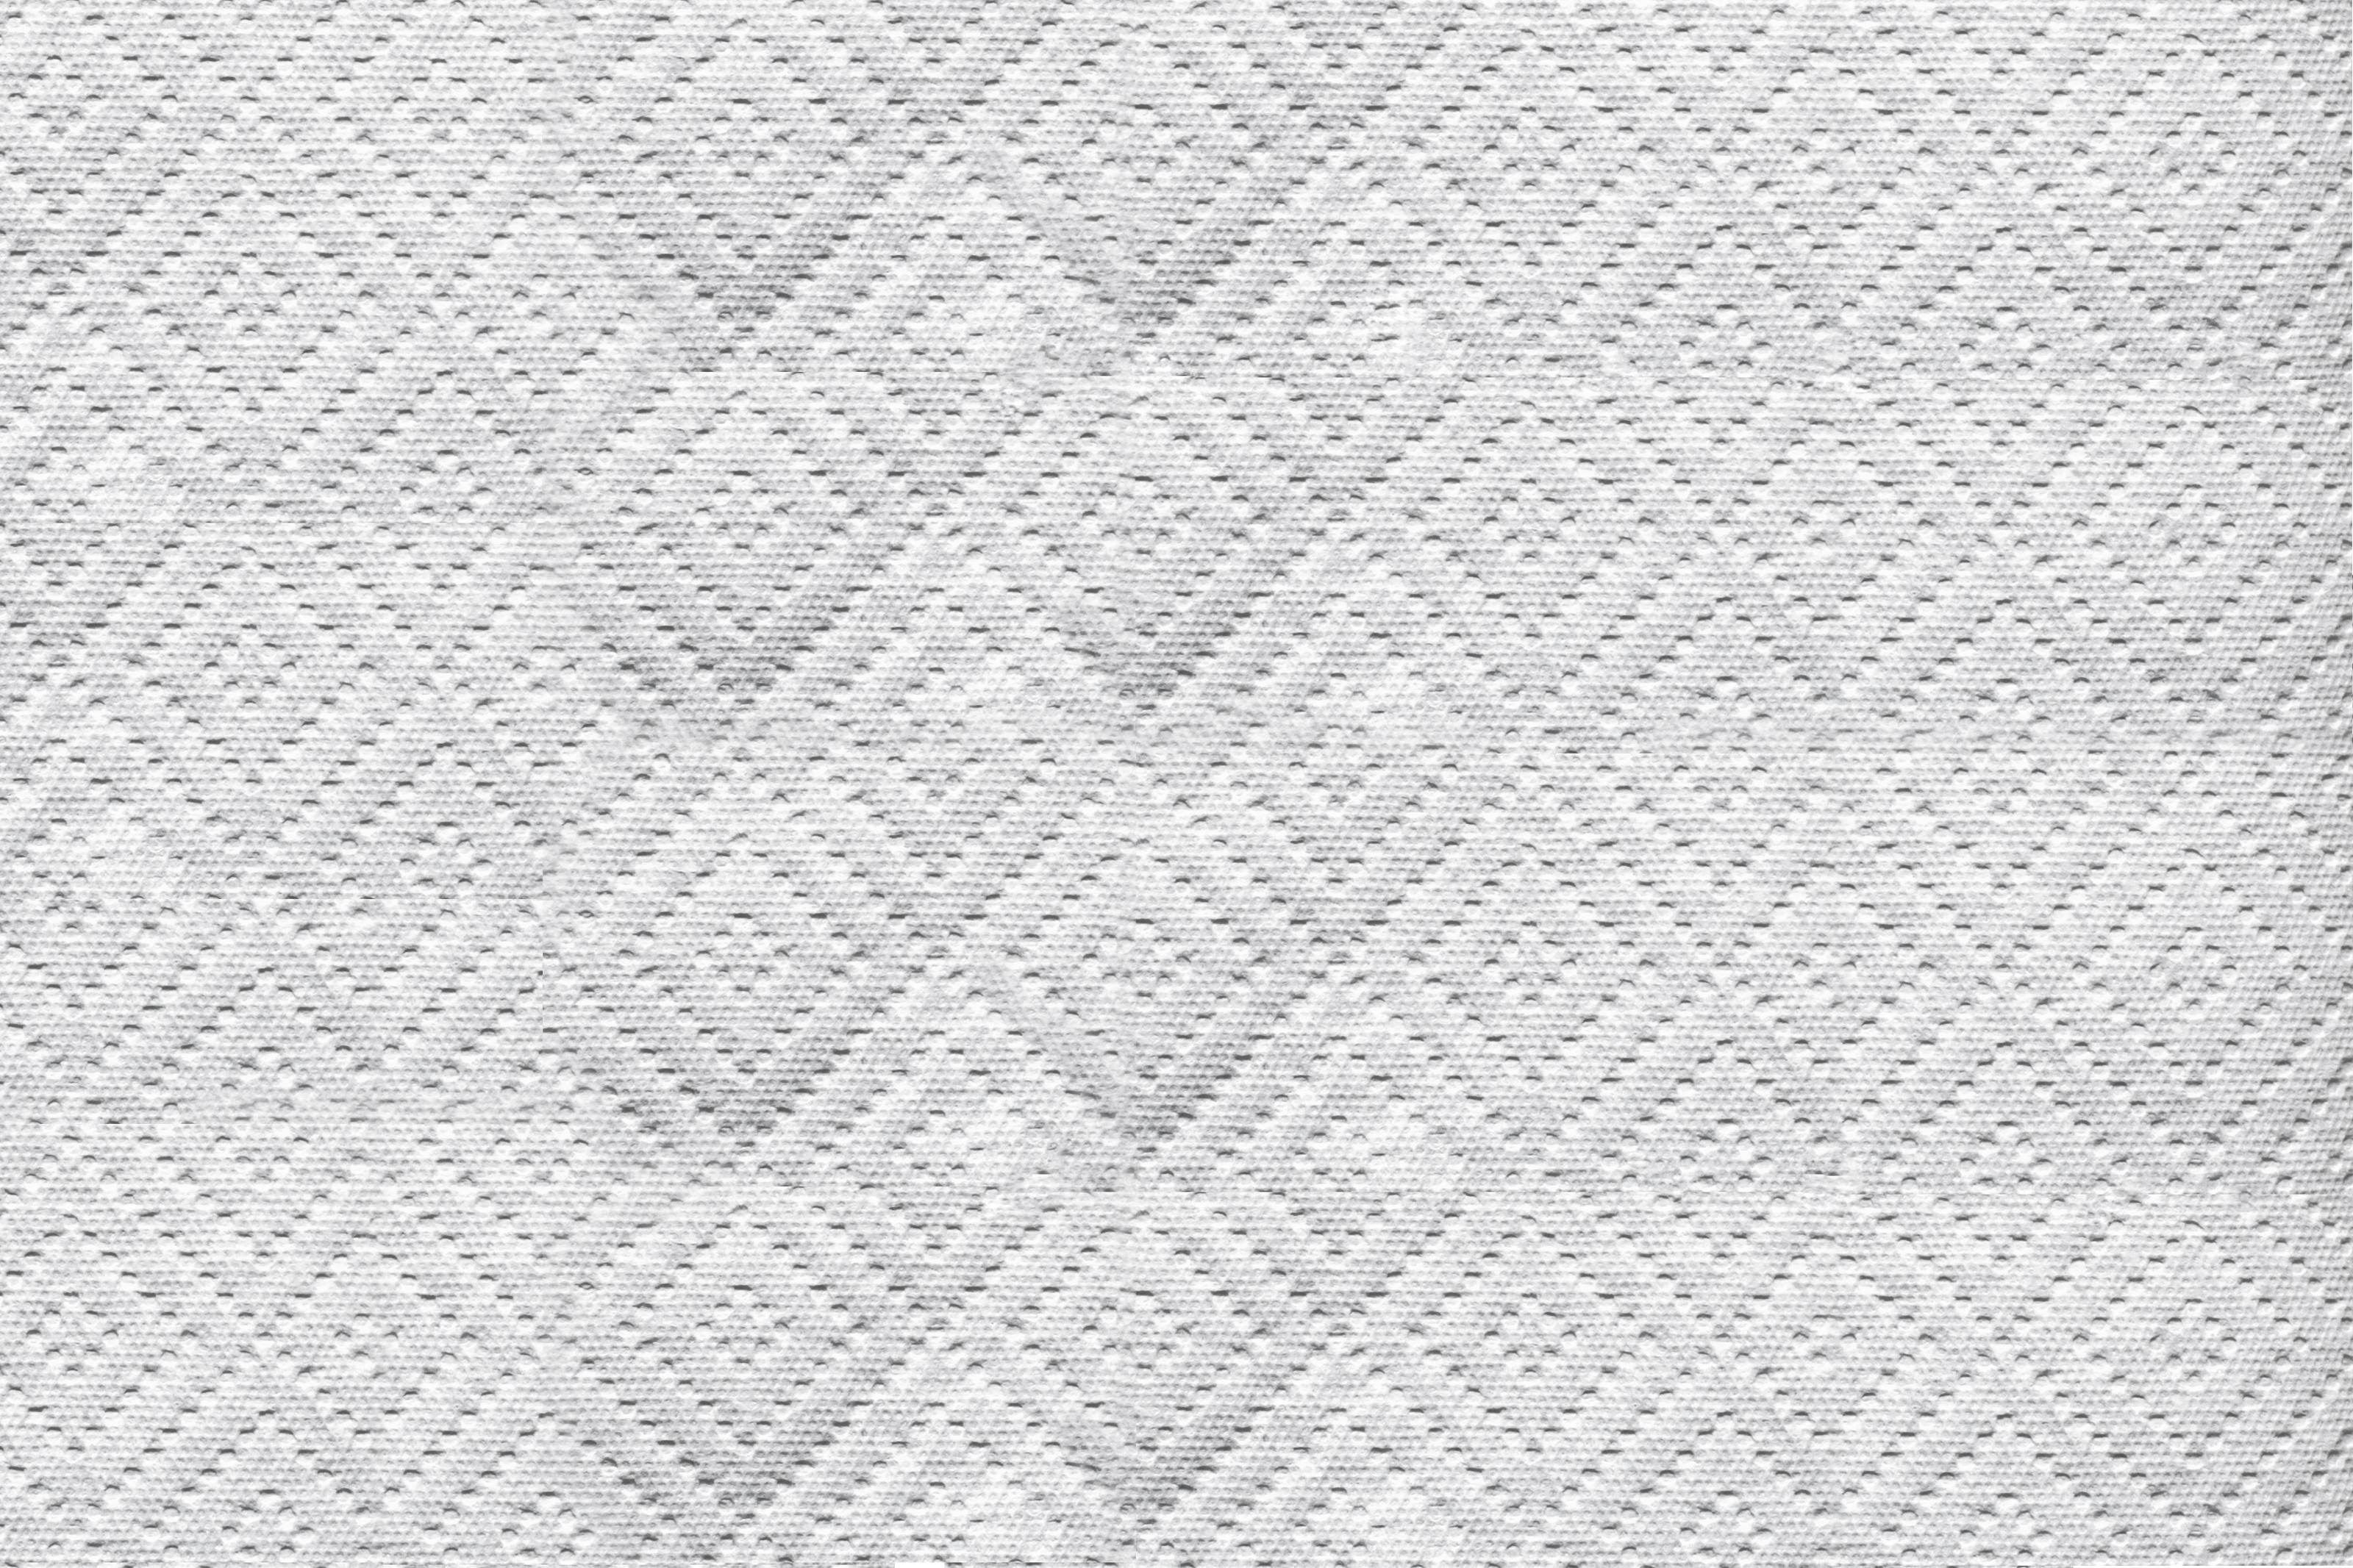 Closeup of a paper towel